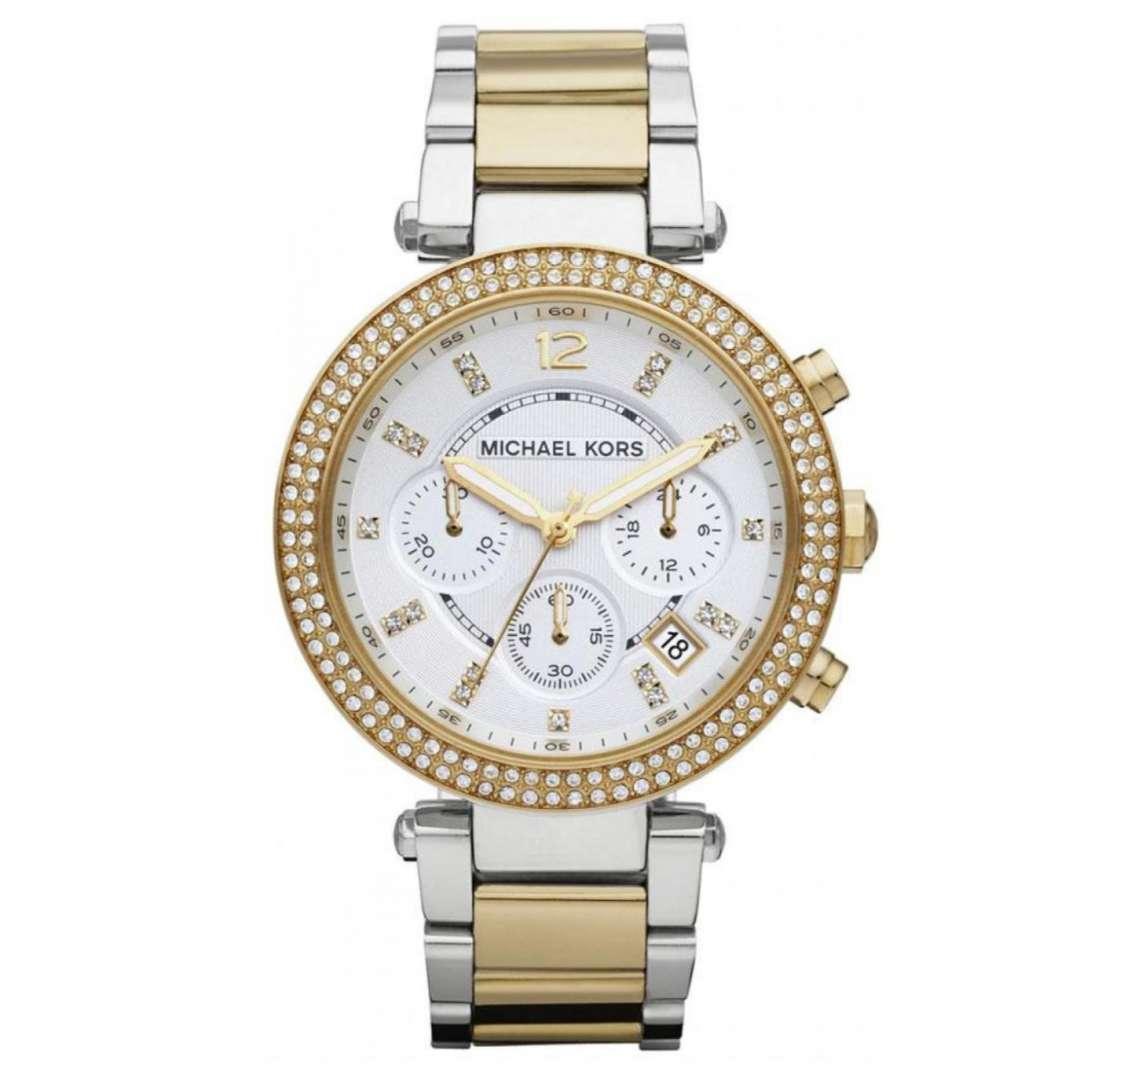 שעון יד אנלוגי לאישה michael kors mk5626 מייקל קורס